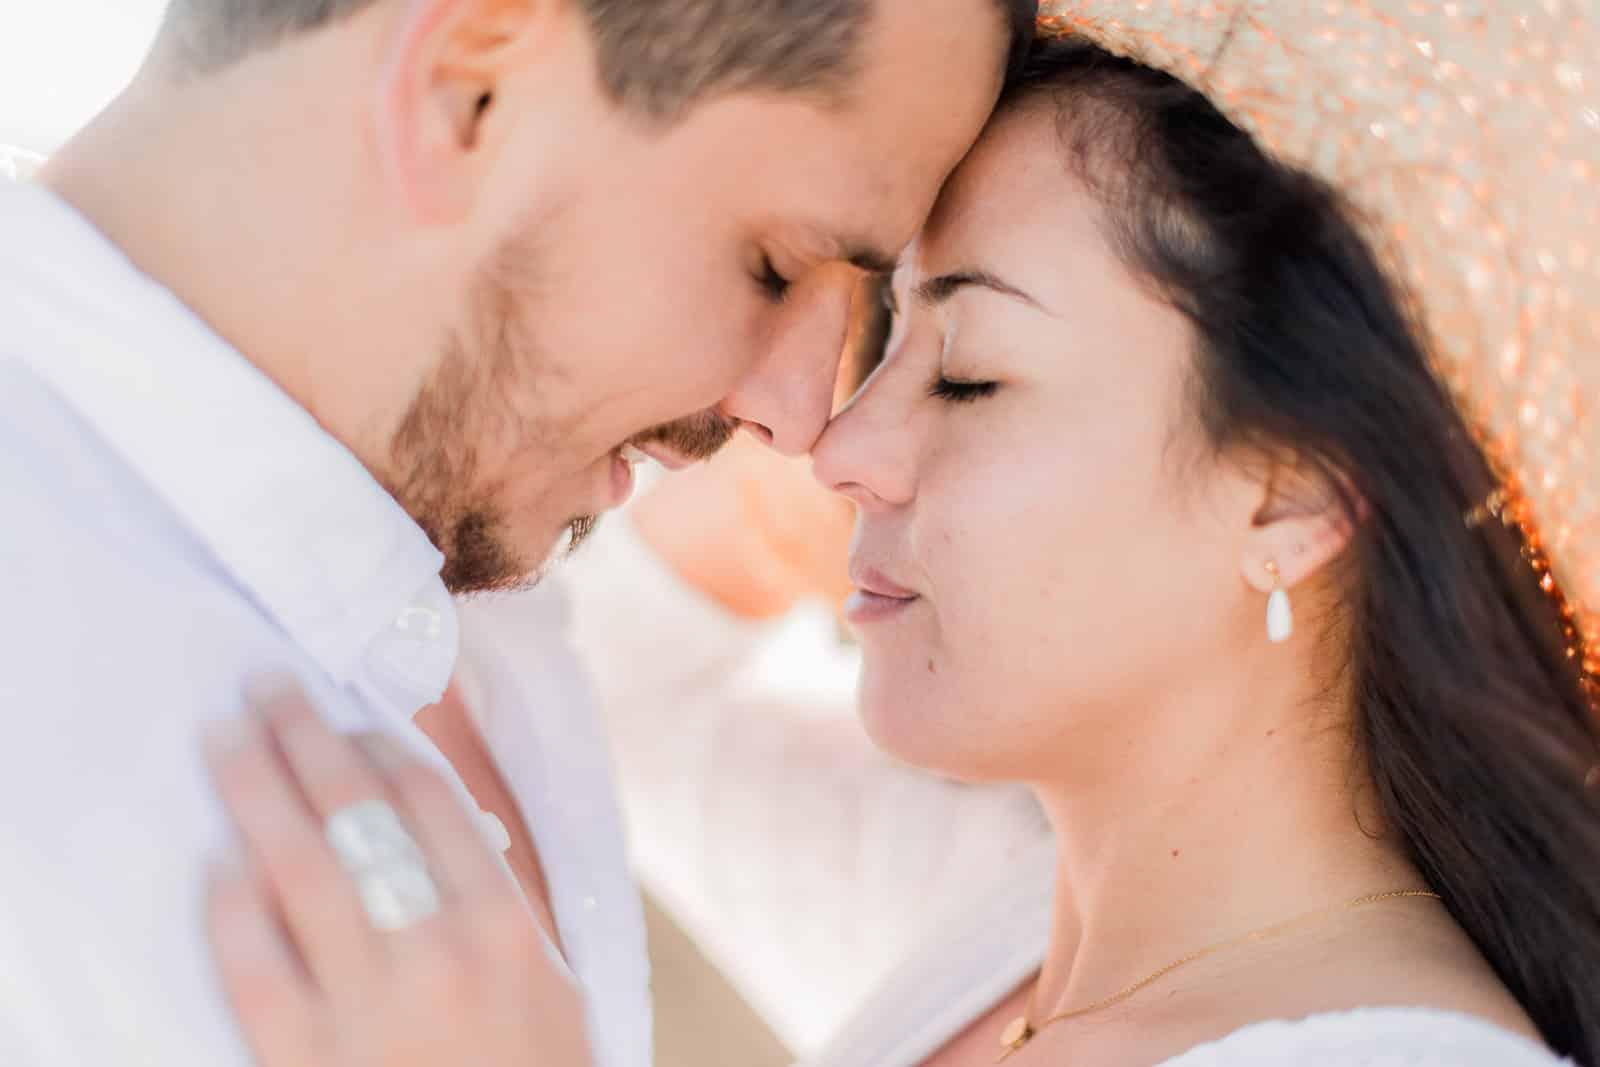 Photographie de Mathieu Dété, photographe de mariage et famille à Saint-Gilles sur l'île de la Réunion 974, présentant un couple face à face et front contre front, lors d'une séance couple à la Plaine des Sables